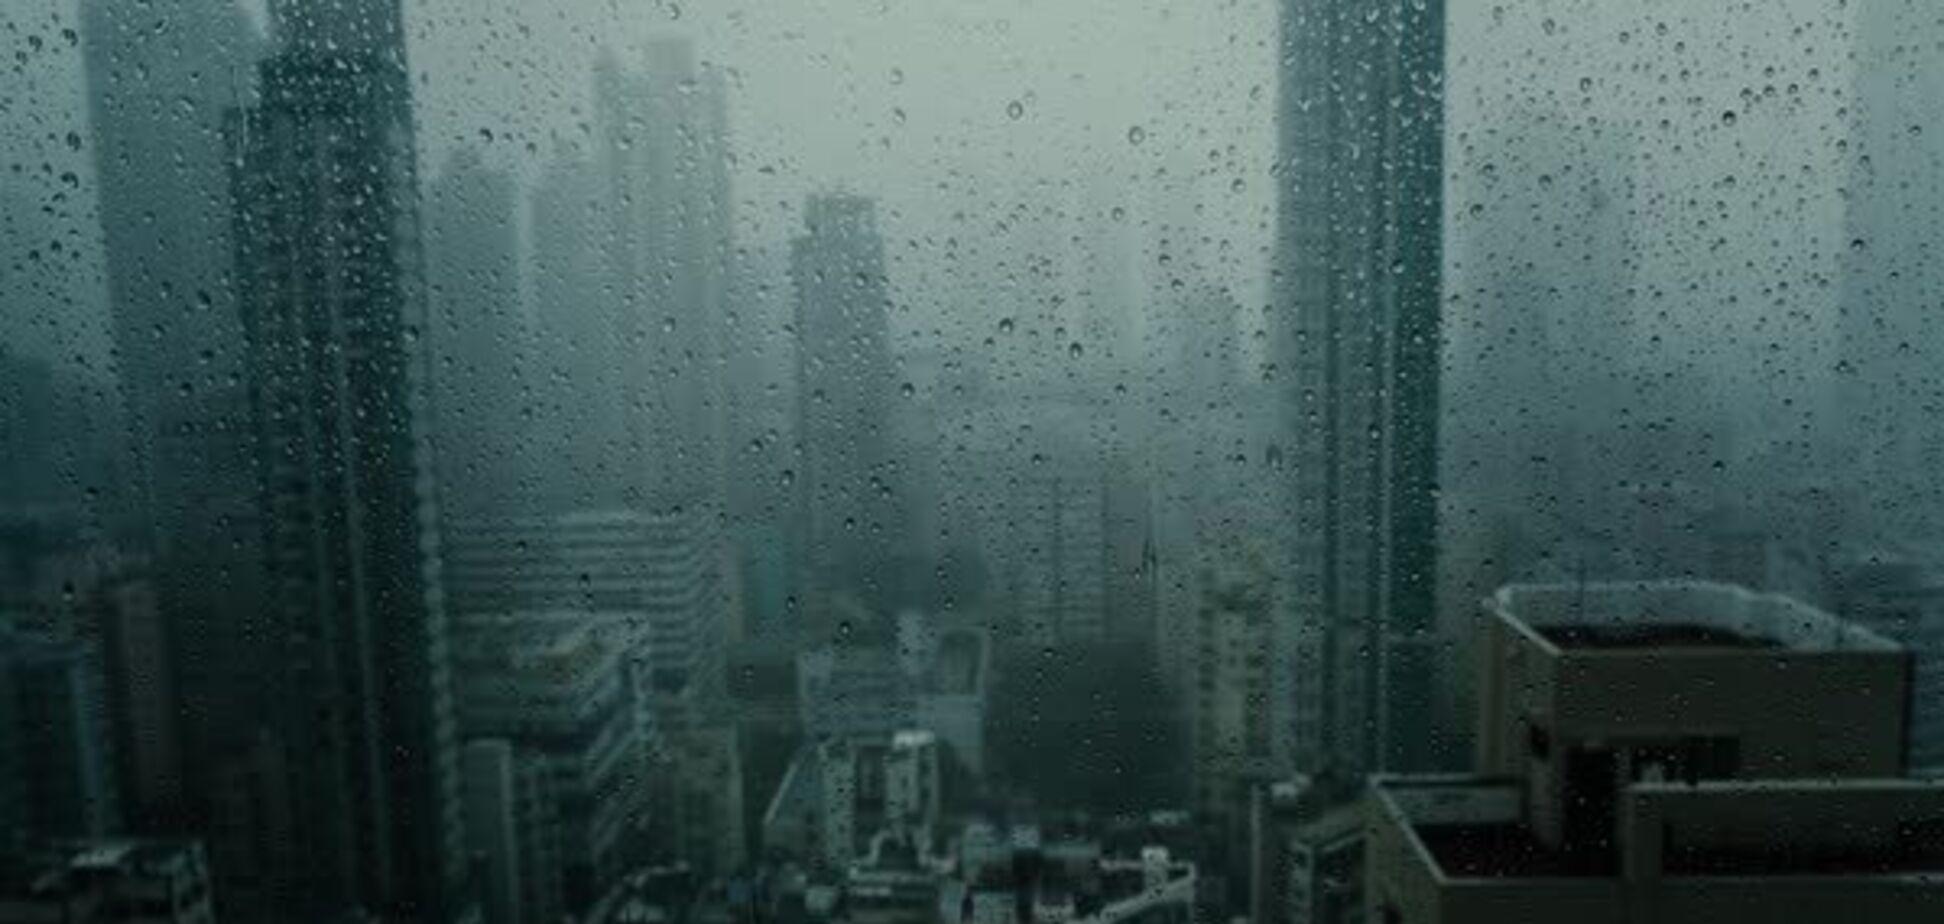 Вчені вперше придумали, як виробляти електрику з дощу